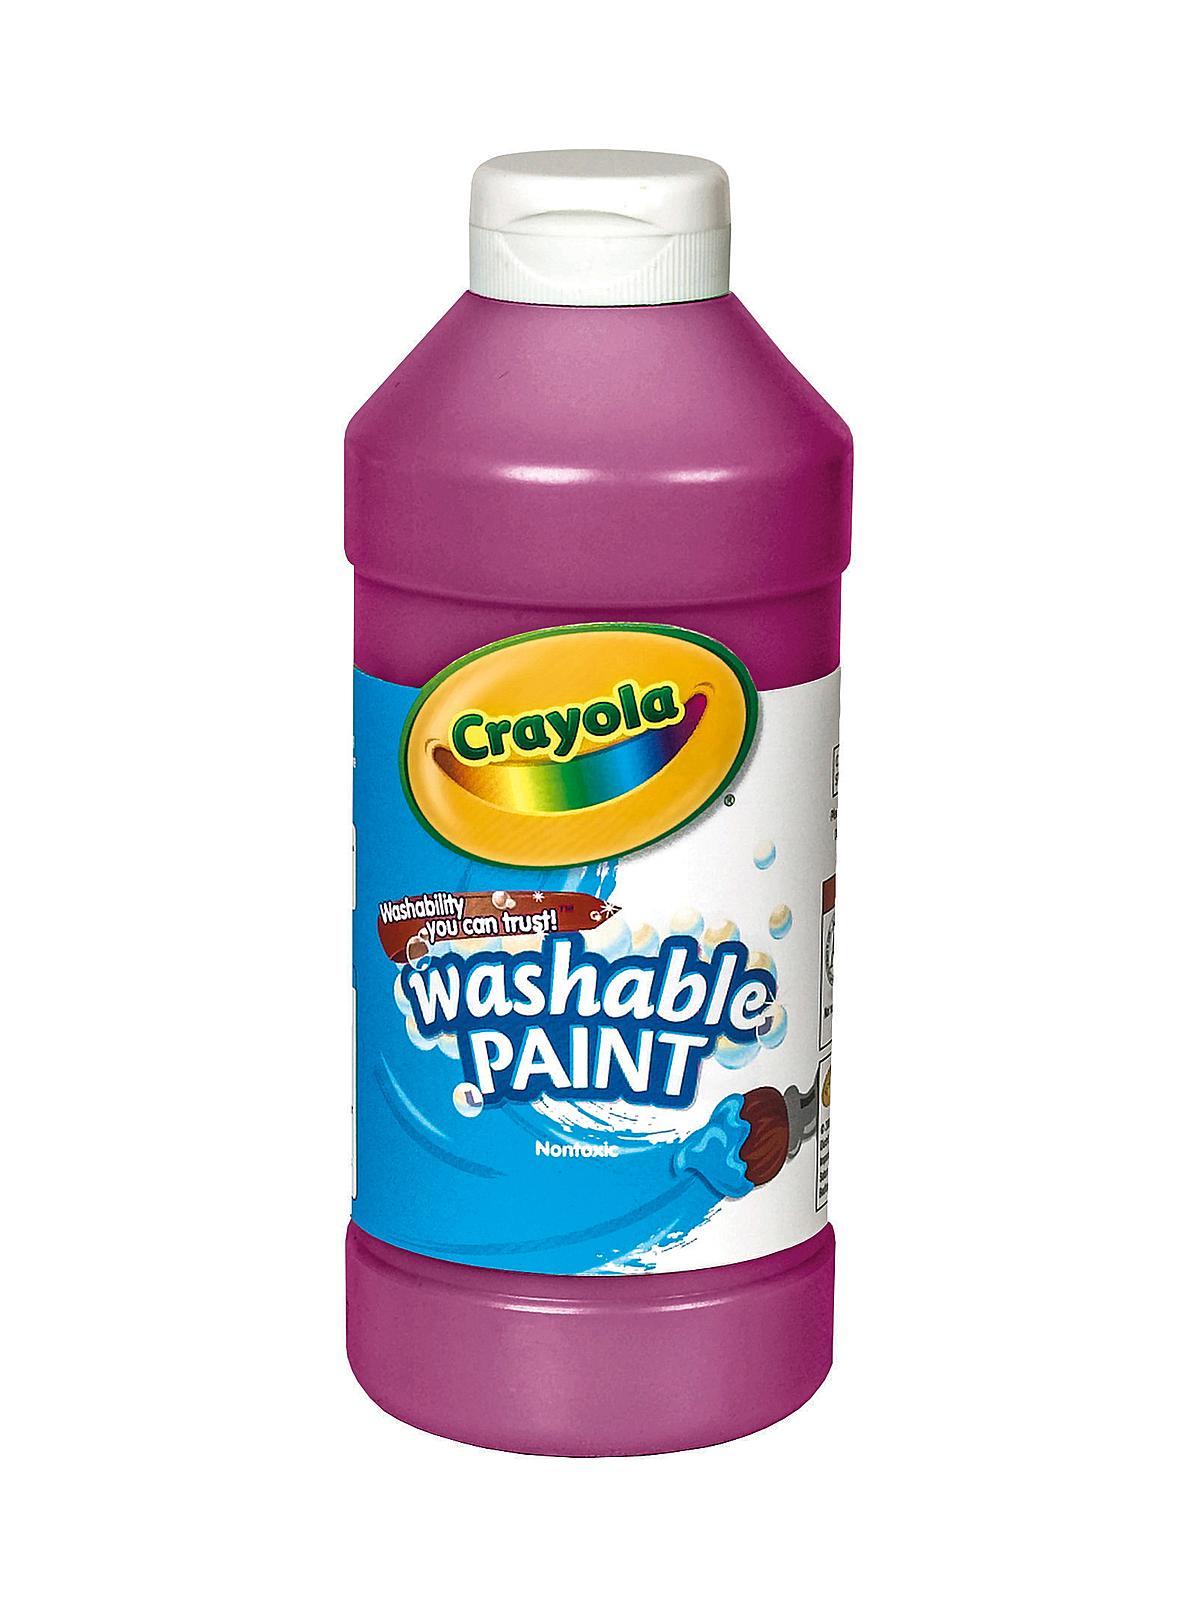 Crayola Washable Paint Misterart Com